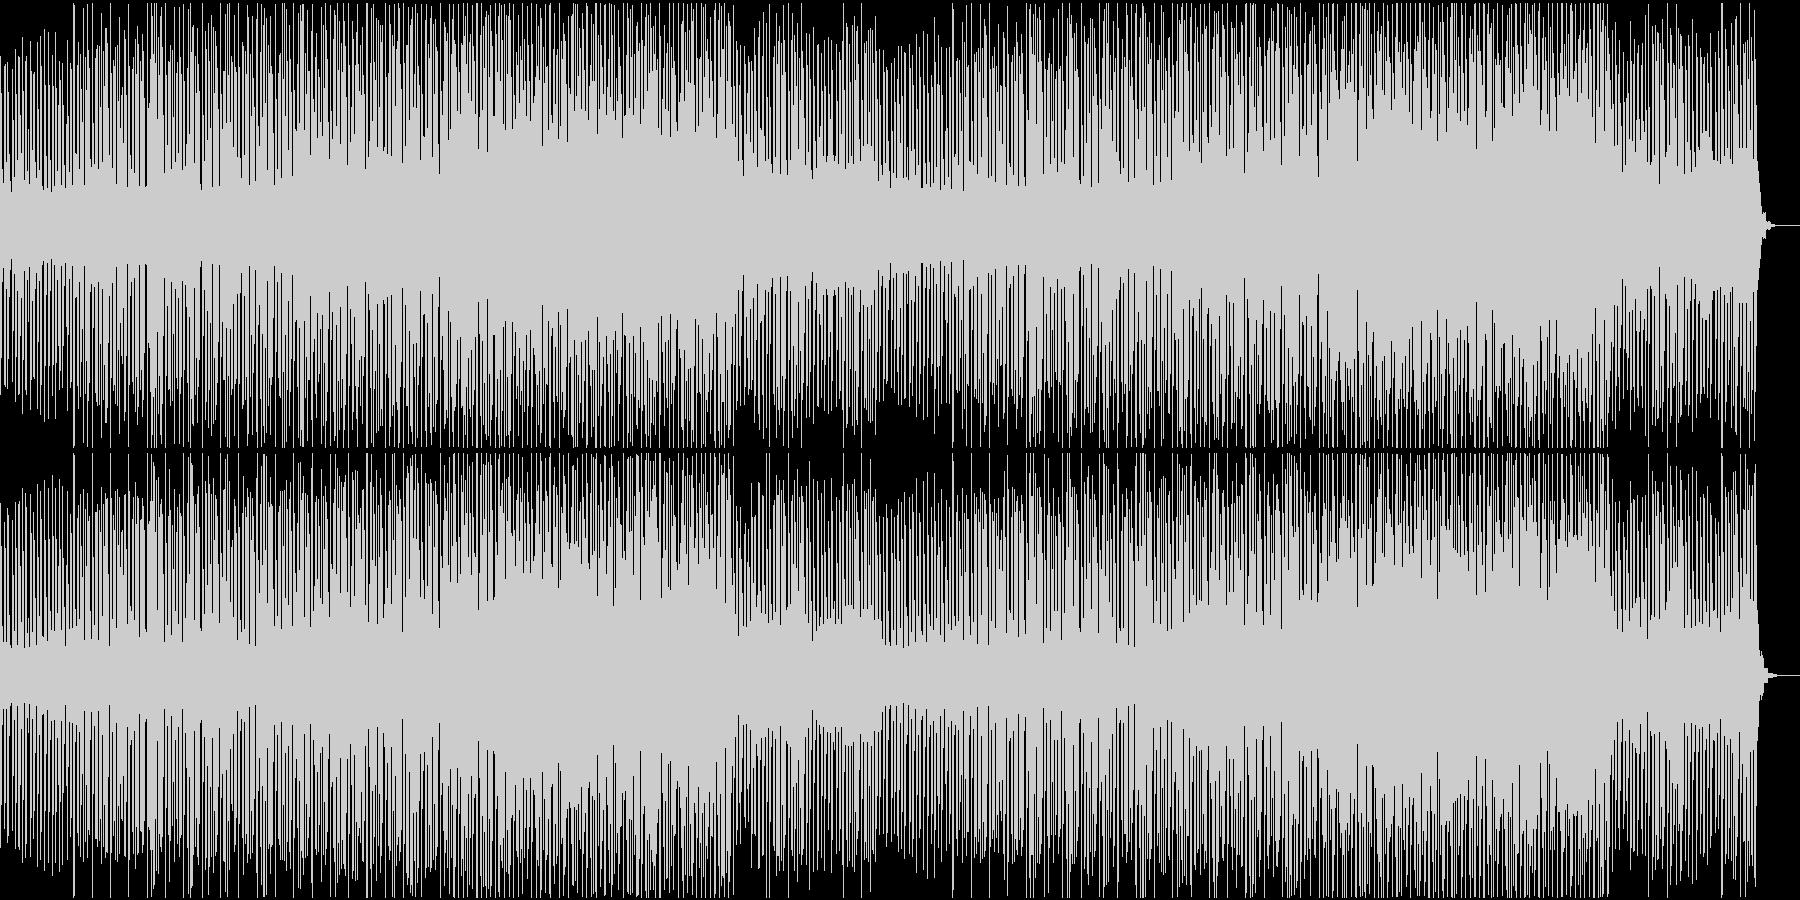 クールで落ち着いた印象のチュートリアル曲の未再生の波形